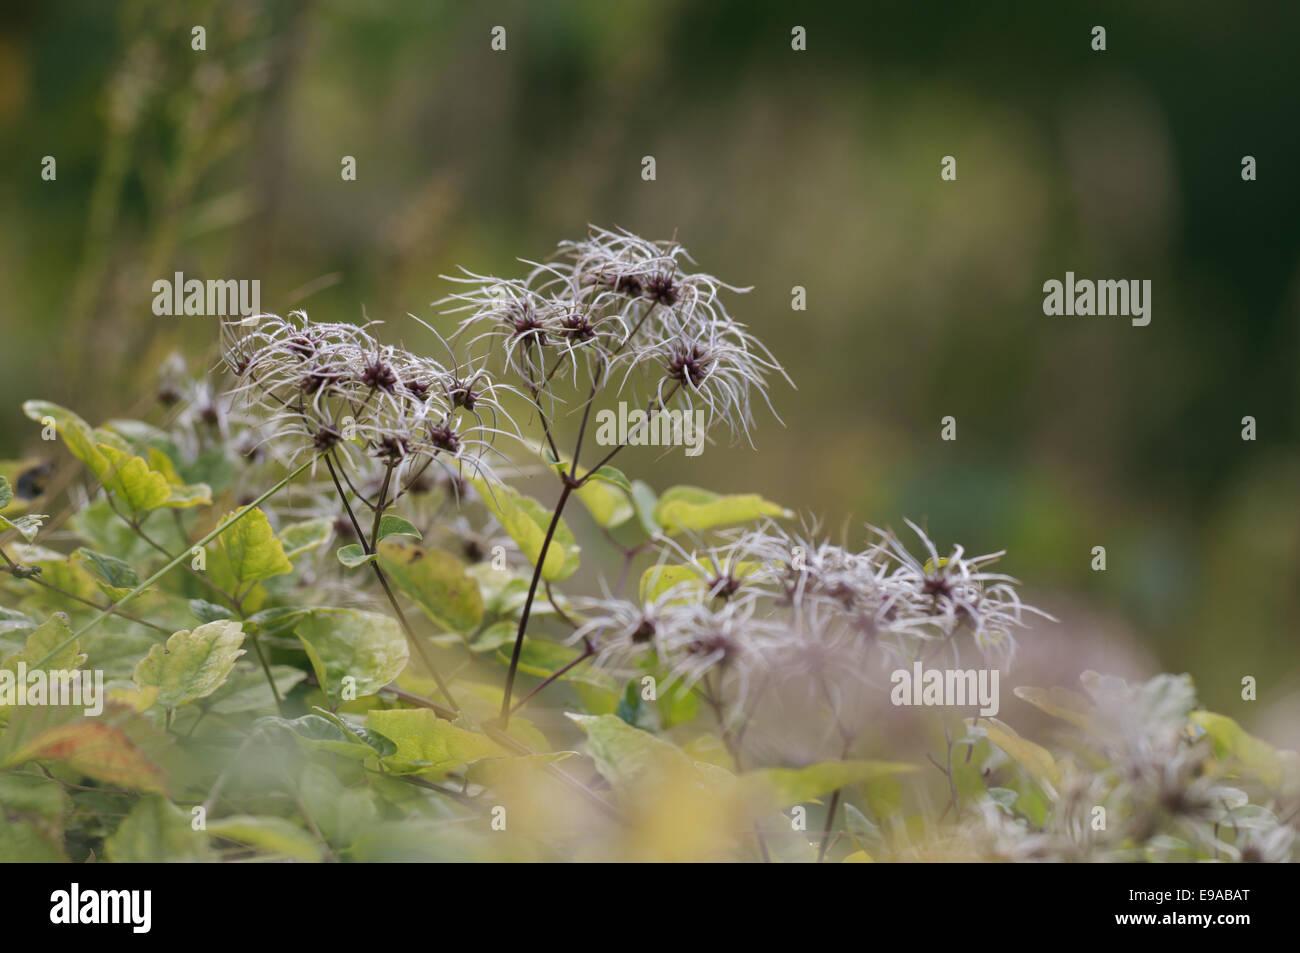 Clematis Stockbild